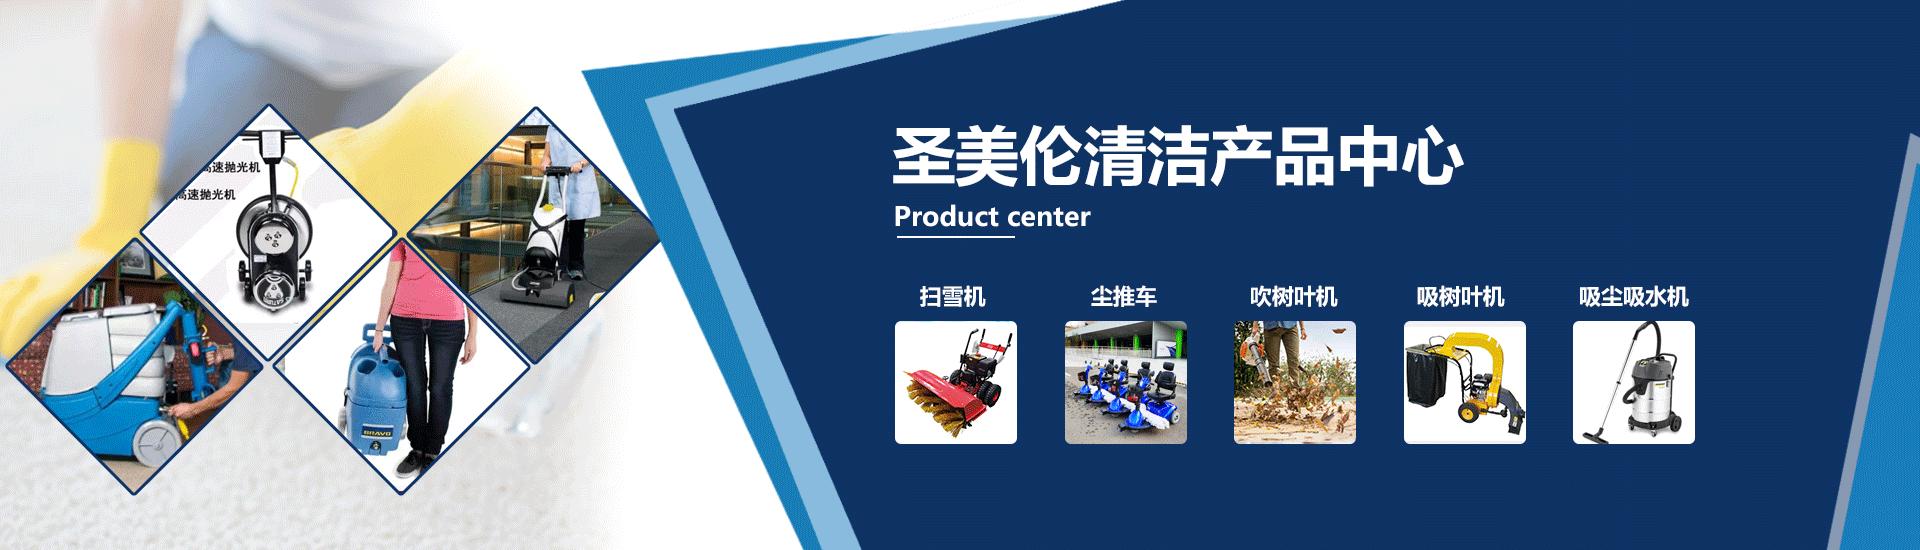 圣美倫產品中心地毯清洗機|掃雪機|吸樹葉機|吸塵器